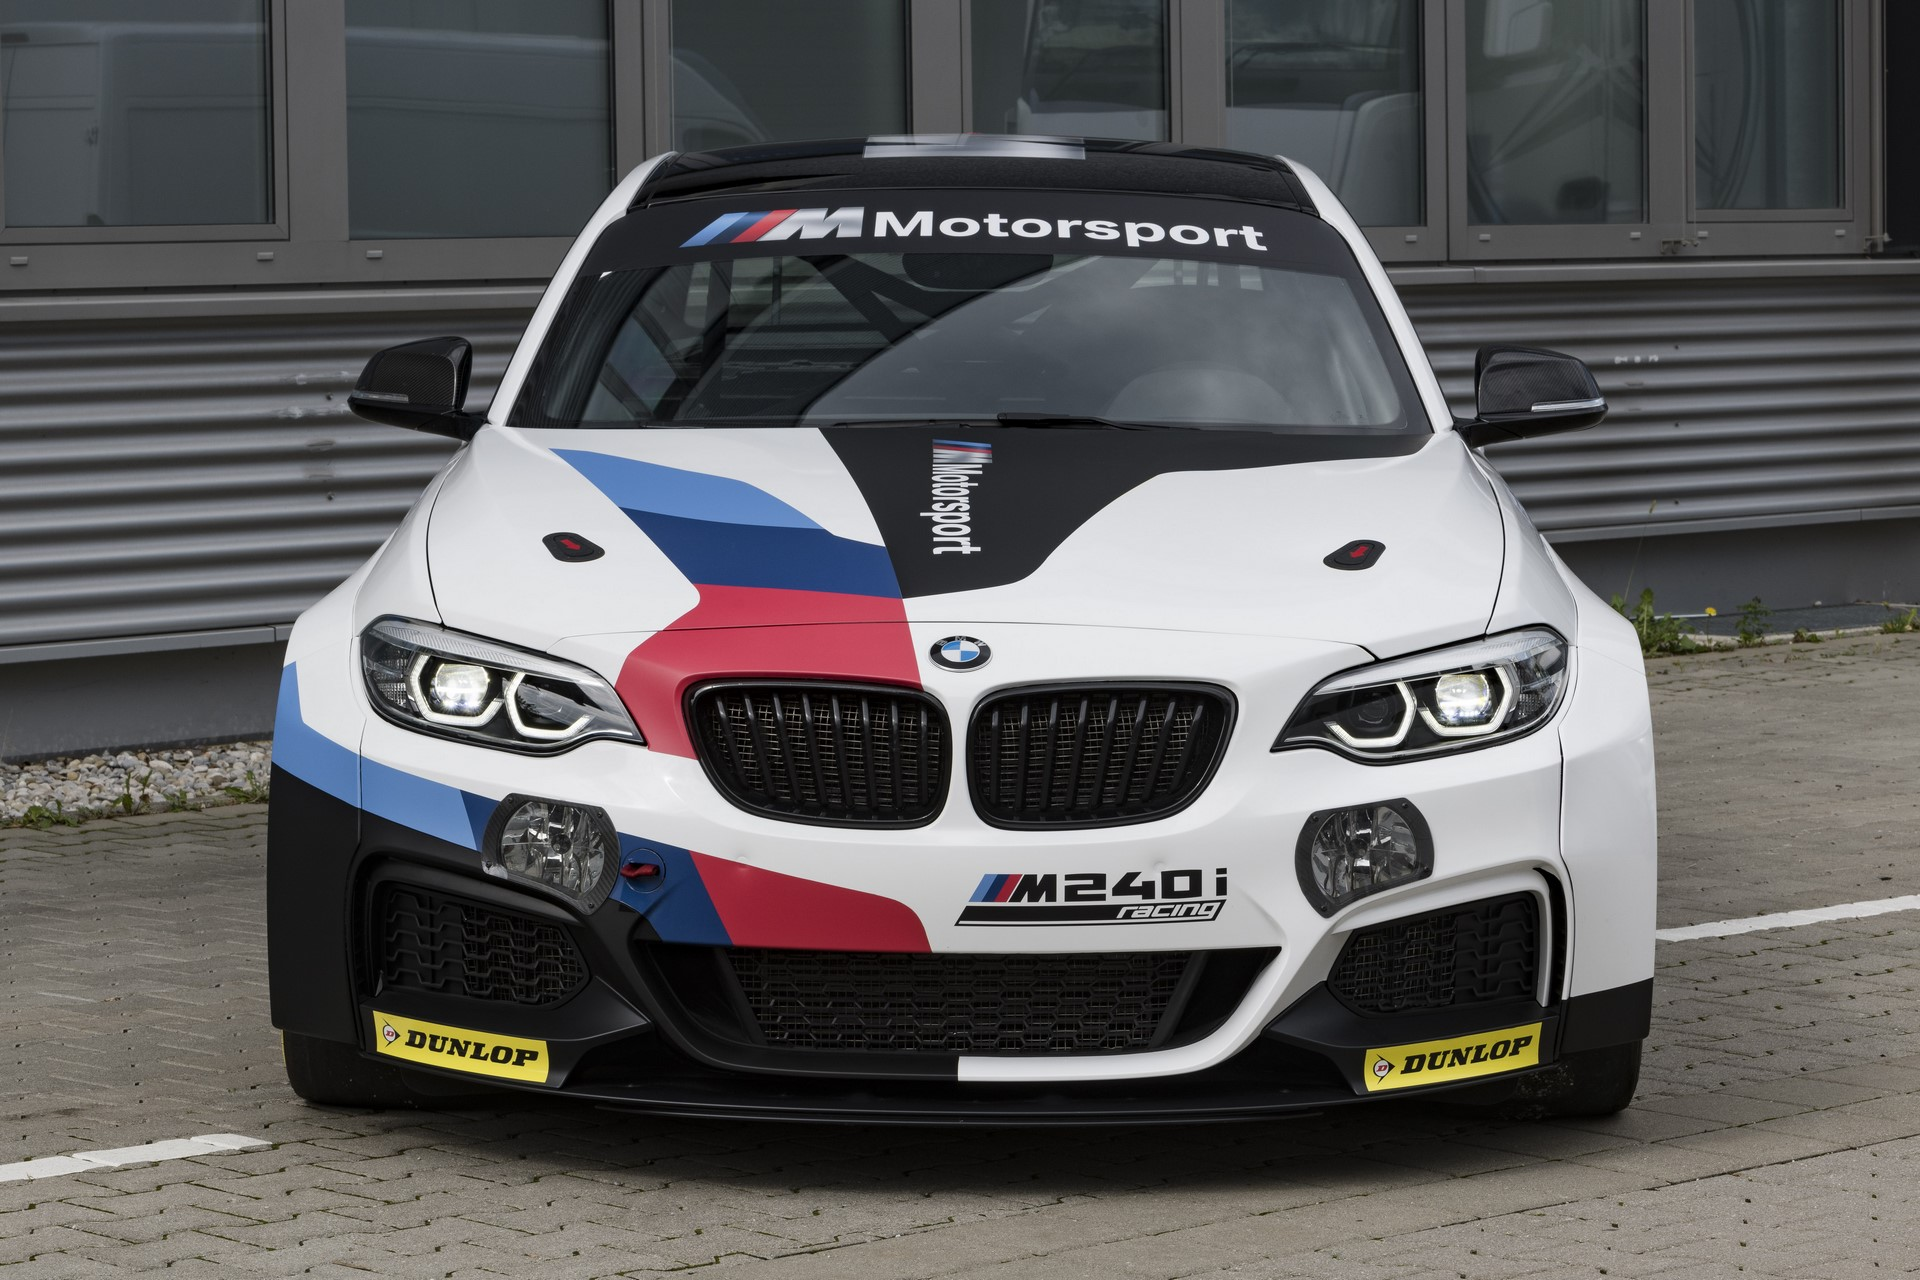 BMW M240i, BMW Motorsport, Muenchen. 19.09.2018 ©Martin Hangen/hangenfoto